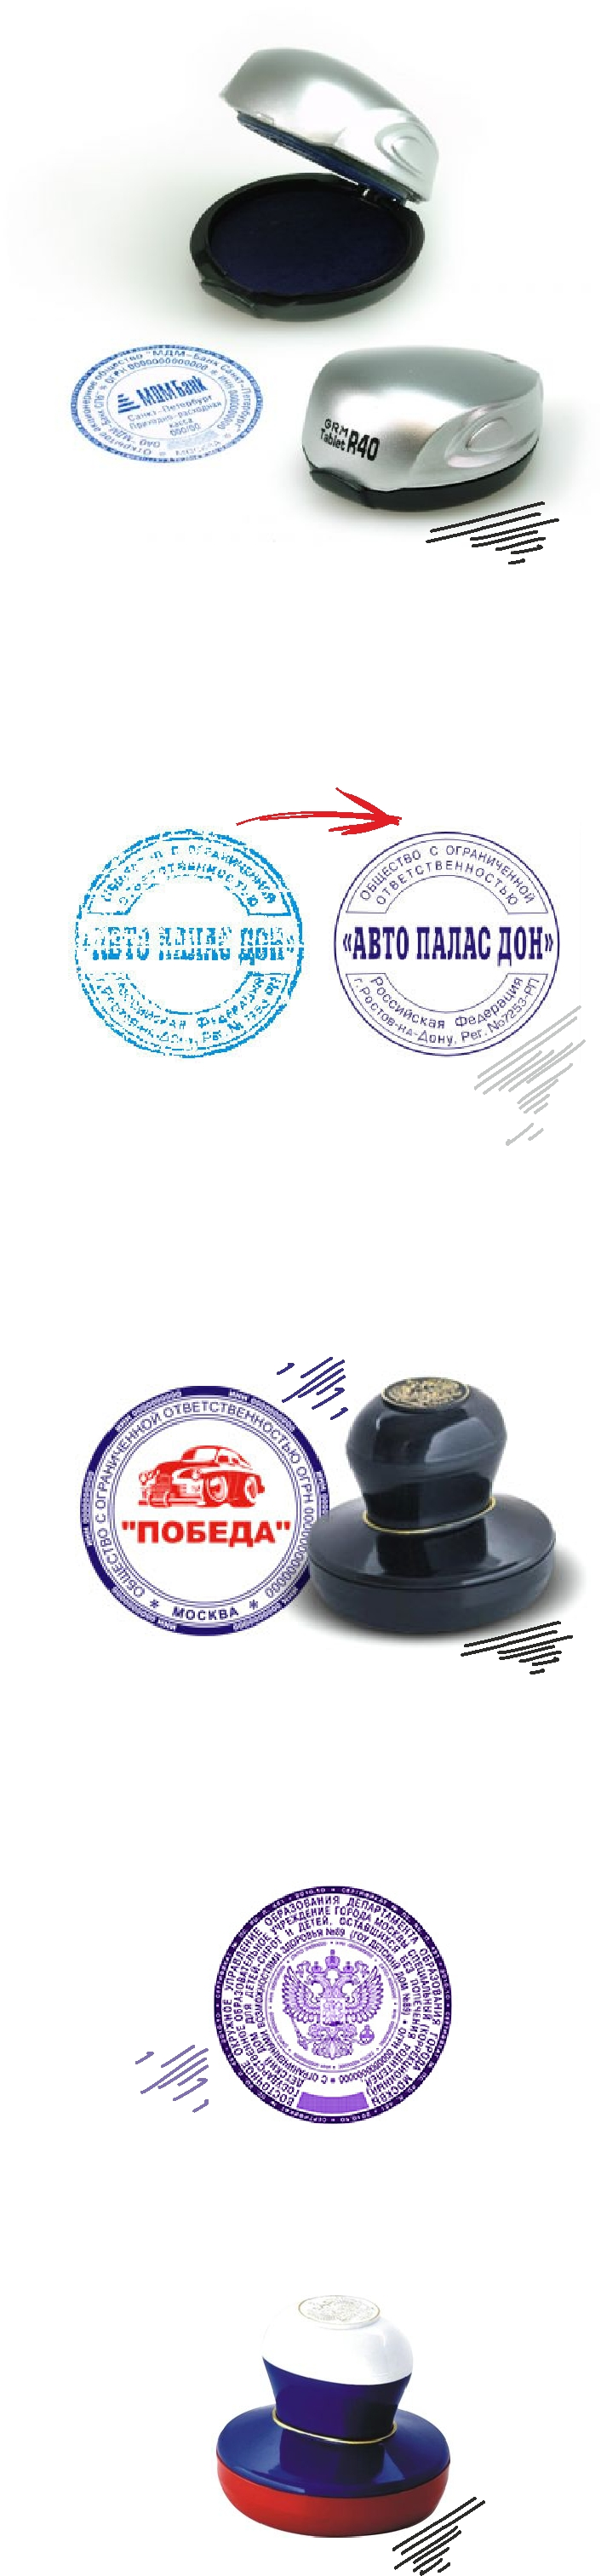 Изготовление печатей и штампов в Санкт-Петербурге